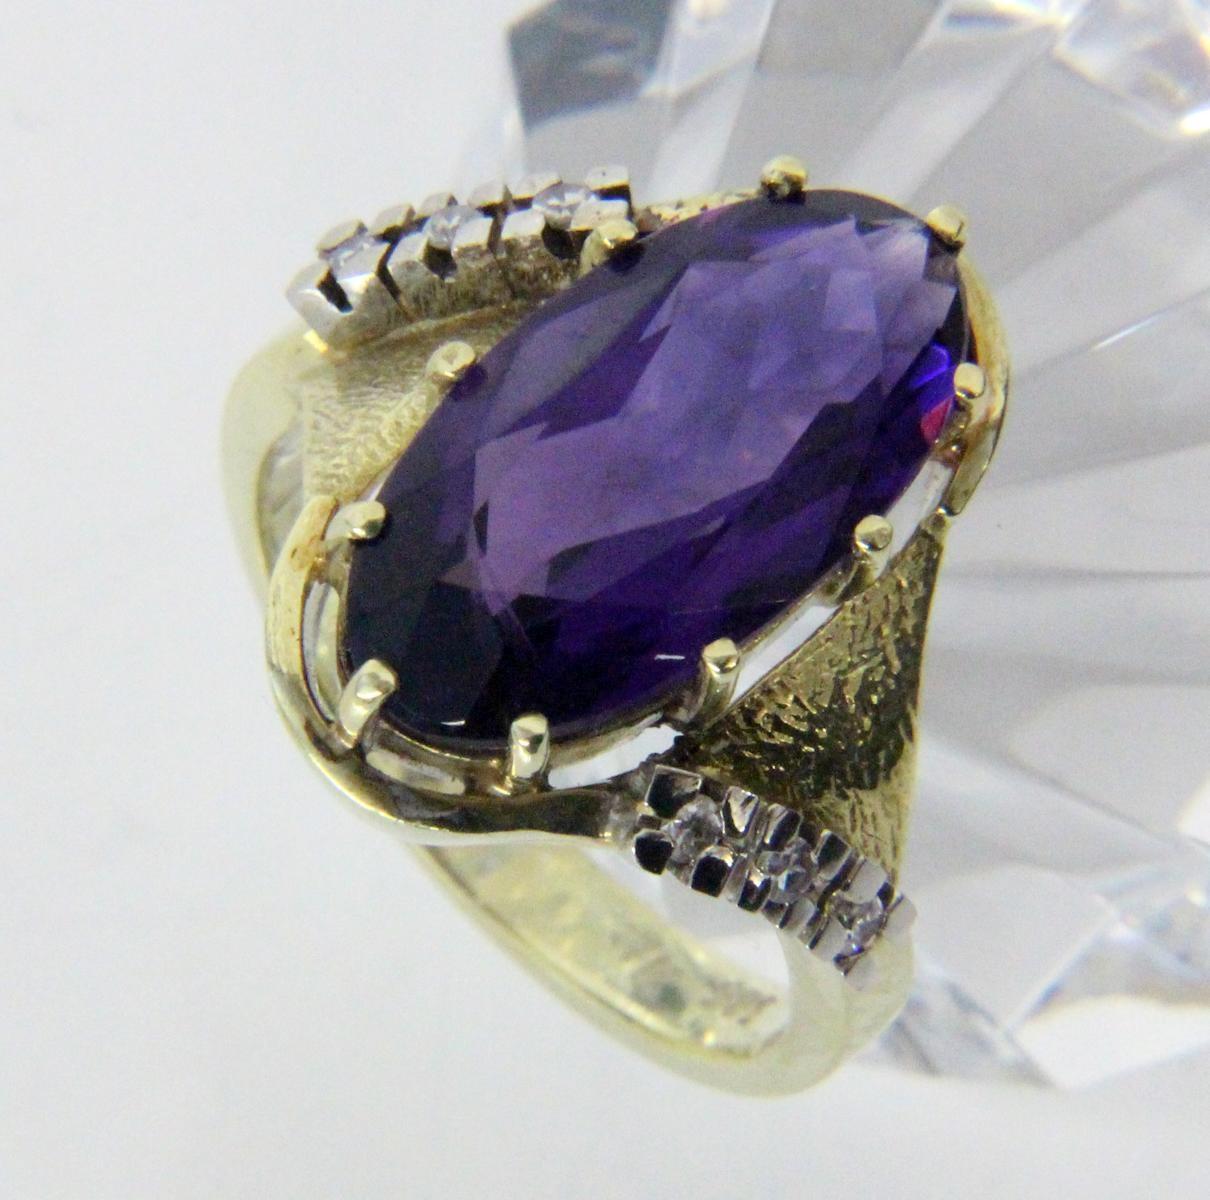 DAMENRING585/000 Gelbgold mit Amethyst und Diamanten. Ringgr. 57, Brutto ca. 8,1g.A LADIES RING